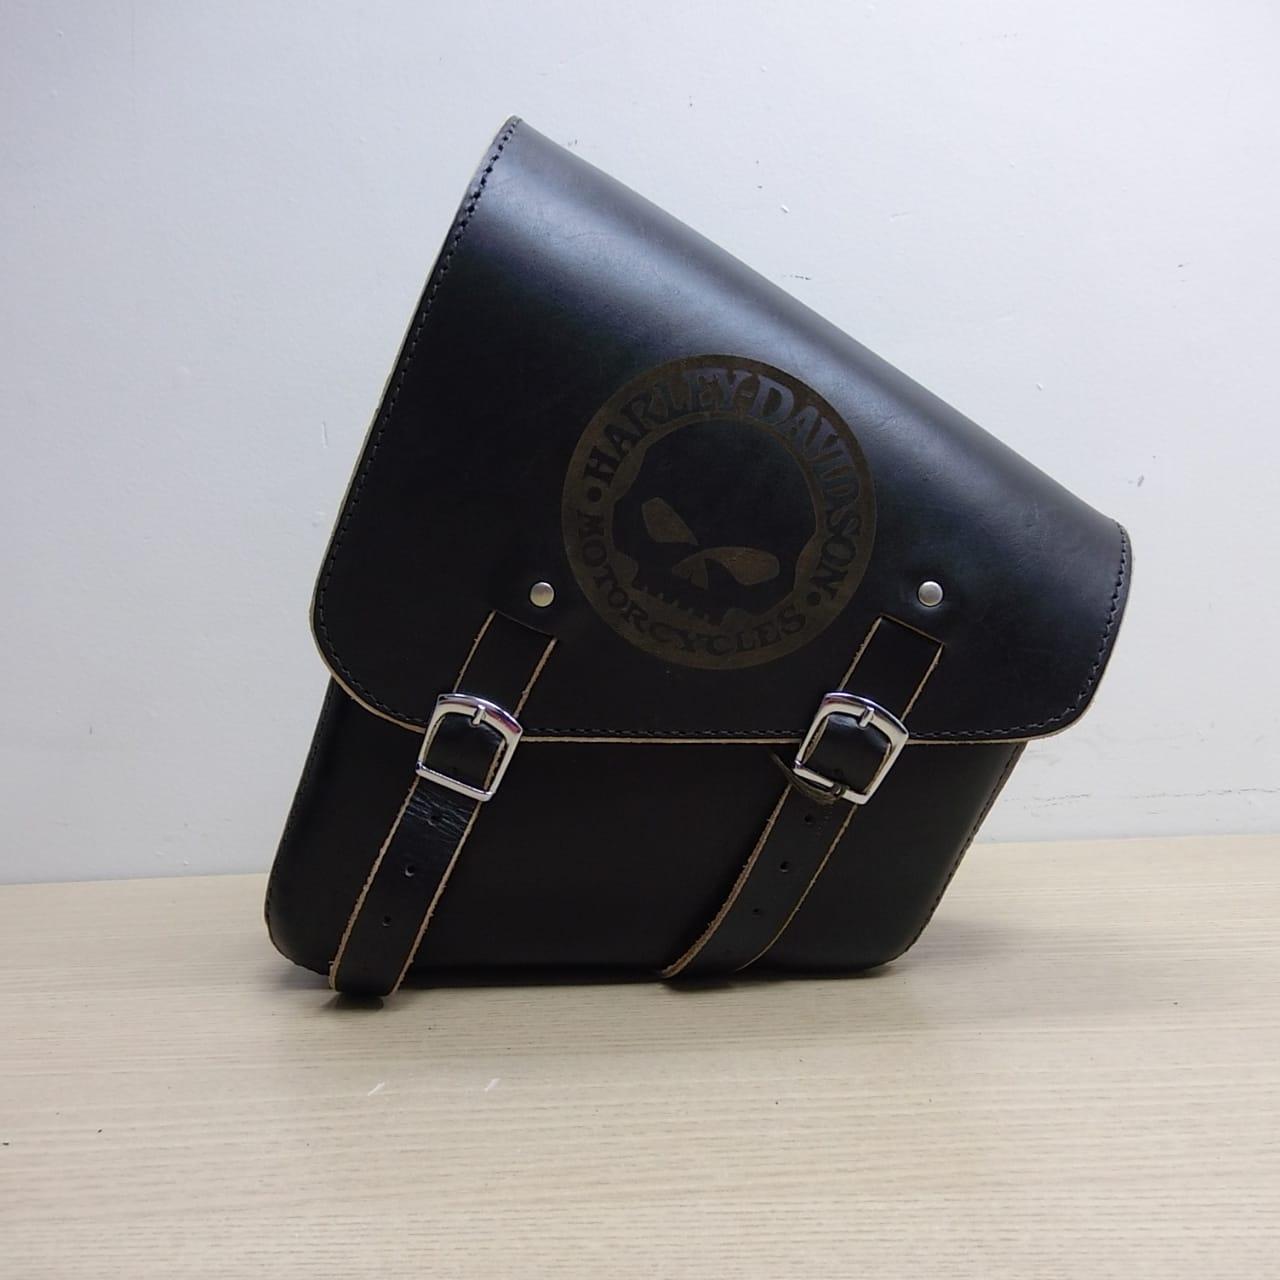 Bolsa de Balança em Couro - Motivo Skull - HD Softail - Tam Pequeno - Preta com Bordas Lixadas - 008/62708